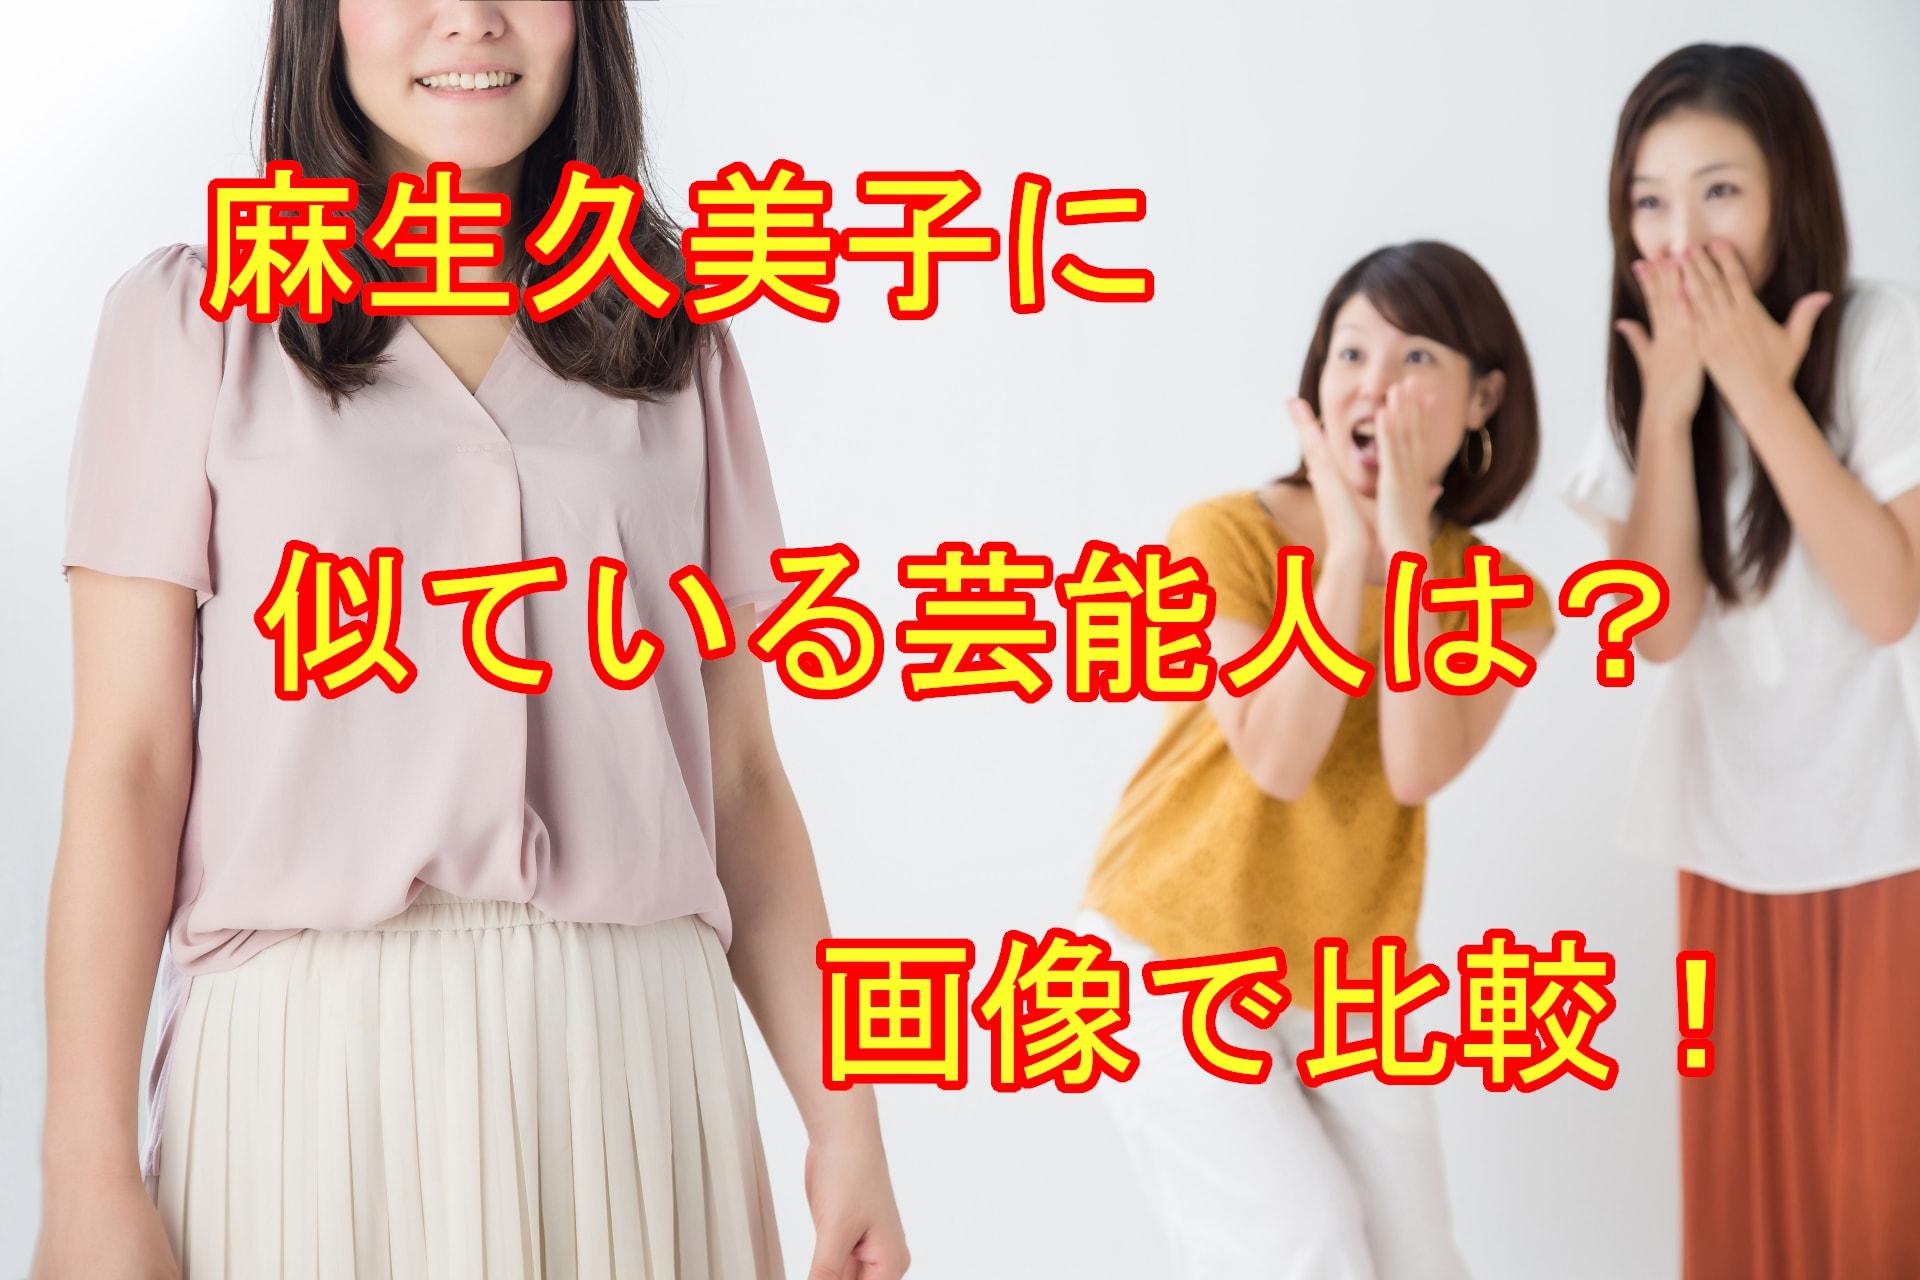 麻生久美子に似てる人は?